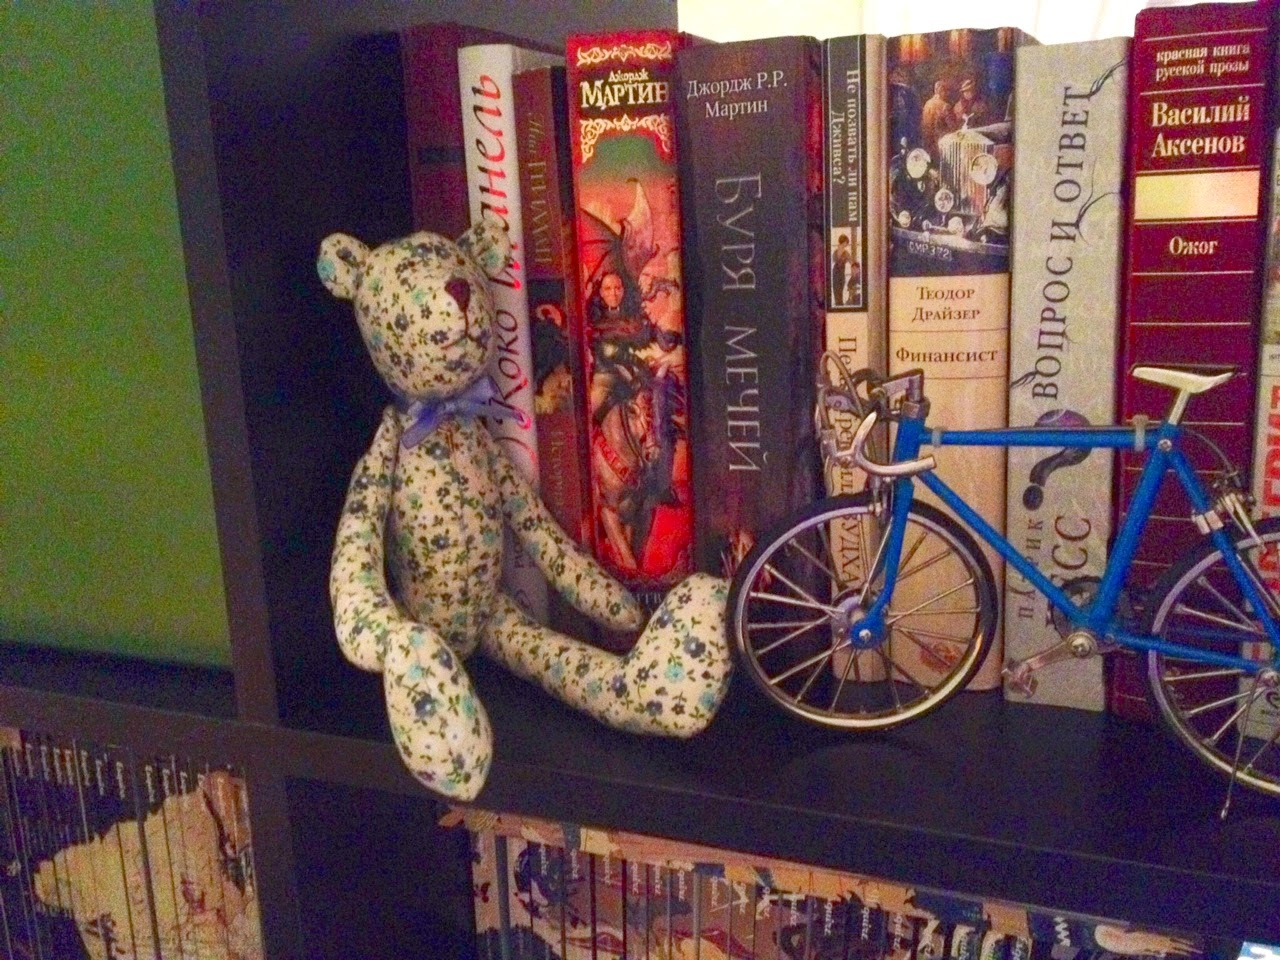 Мишка, медвежонок, текстильный мишка, мишка тильда, купить мишку